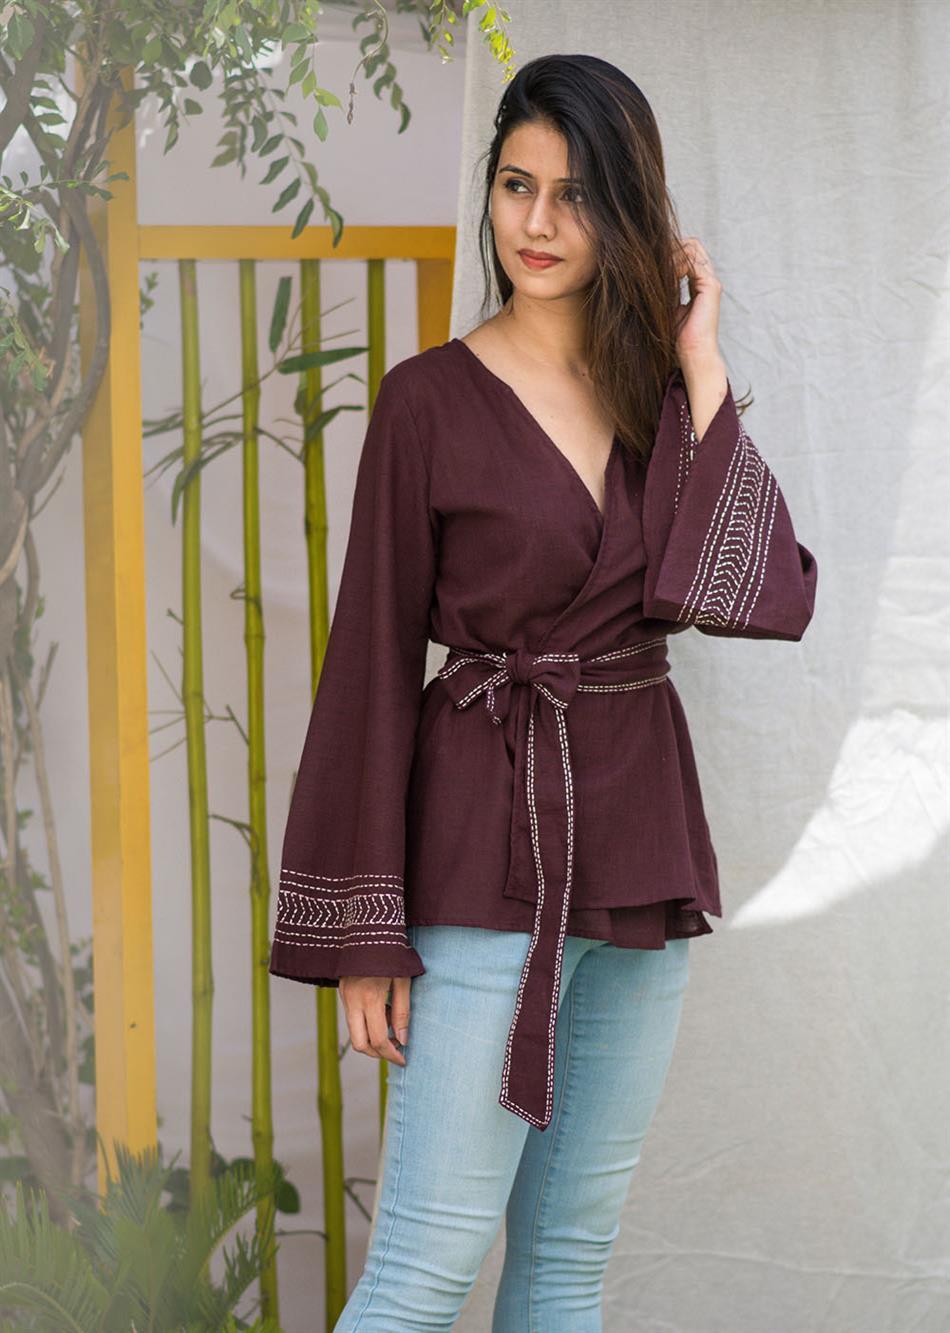 Glorious Block (kimono style top) By Jovi Fashion